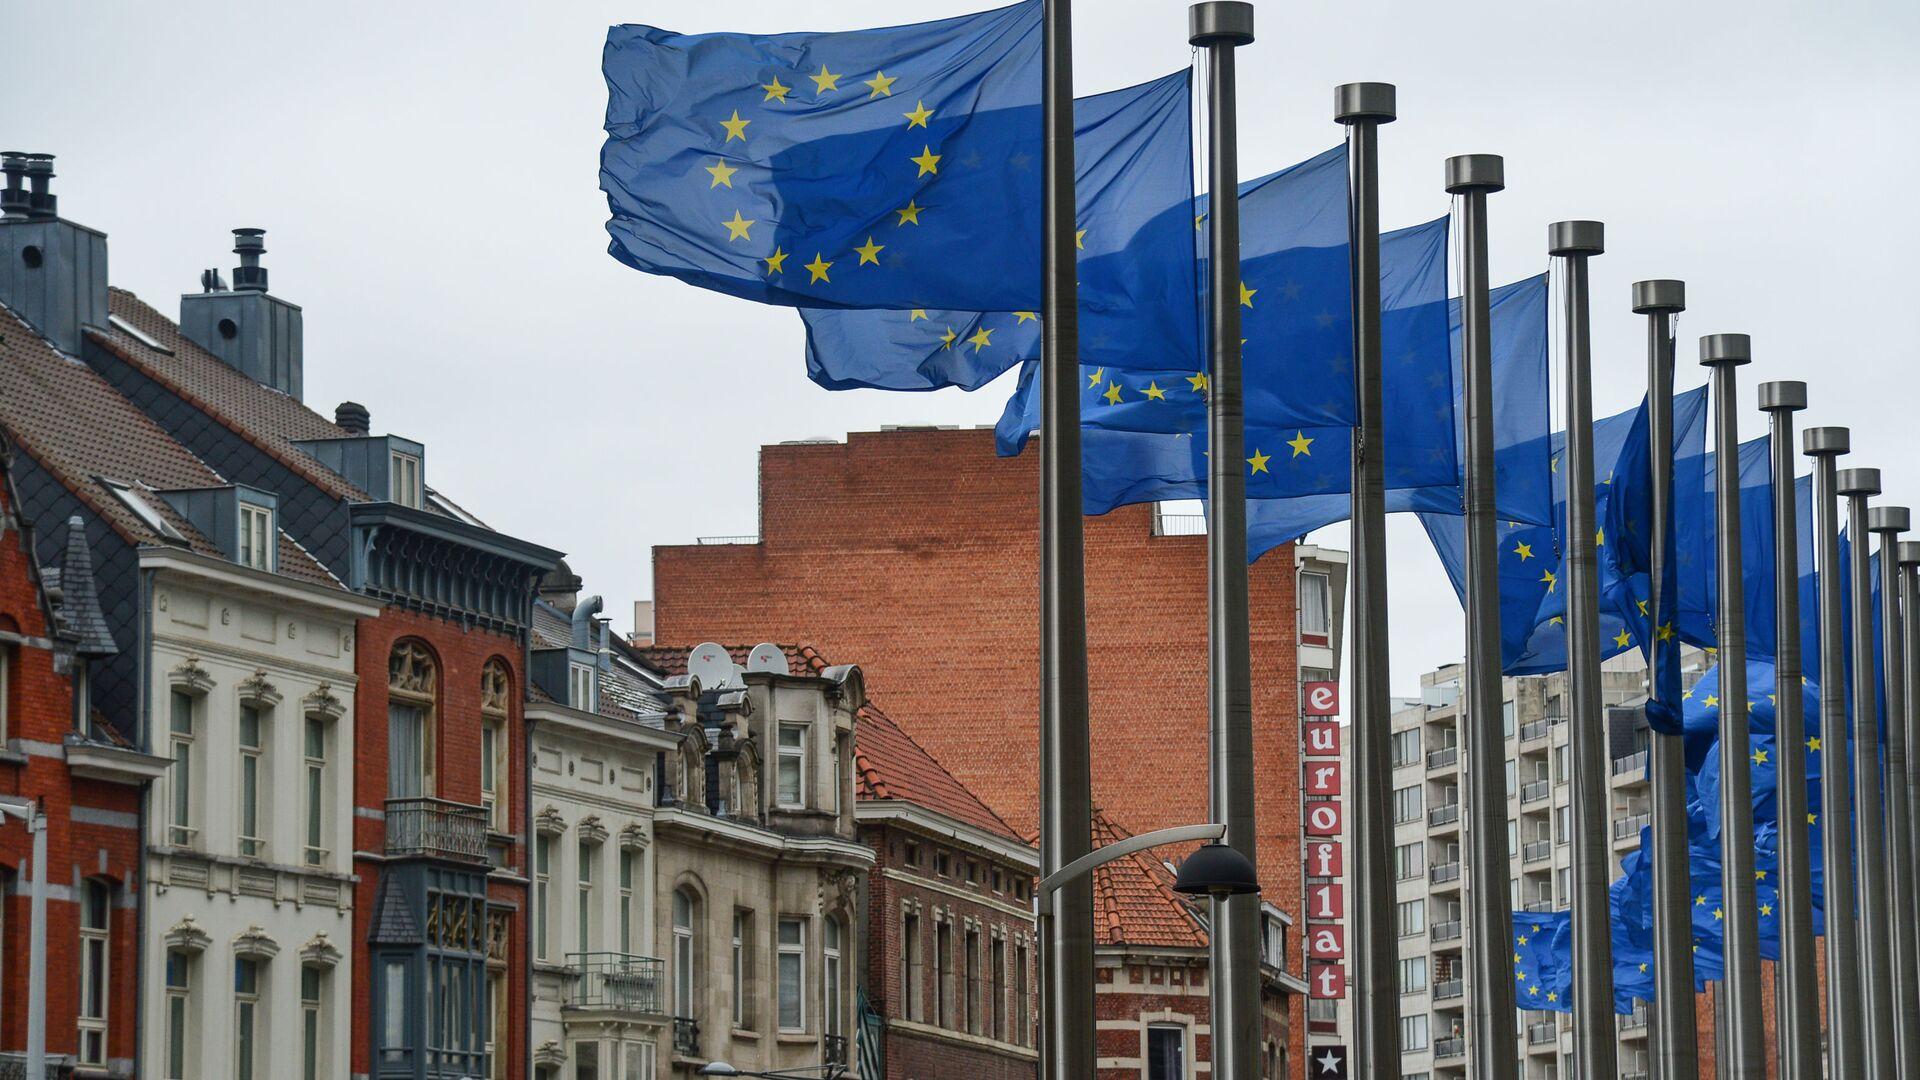 Flagi z symboliką UE przed budynkiem Komisji Europejskiej w Brukseli - Sputnik Polska, 1920, 23.07.2021